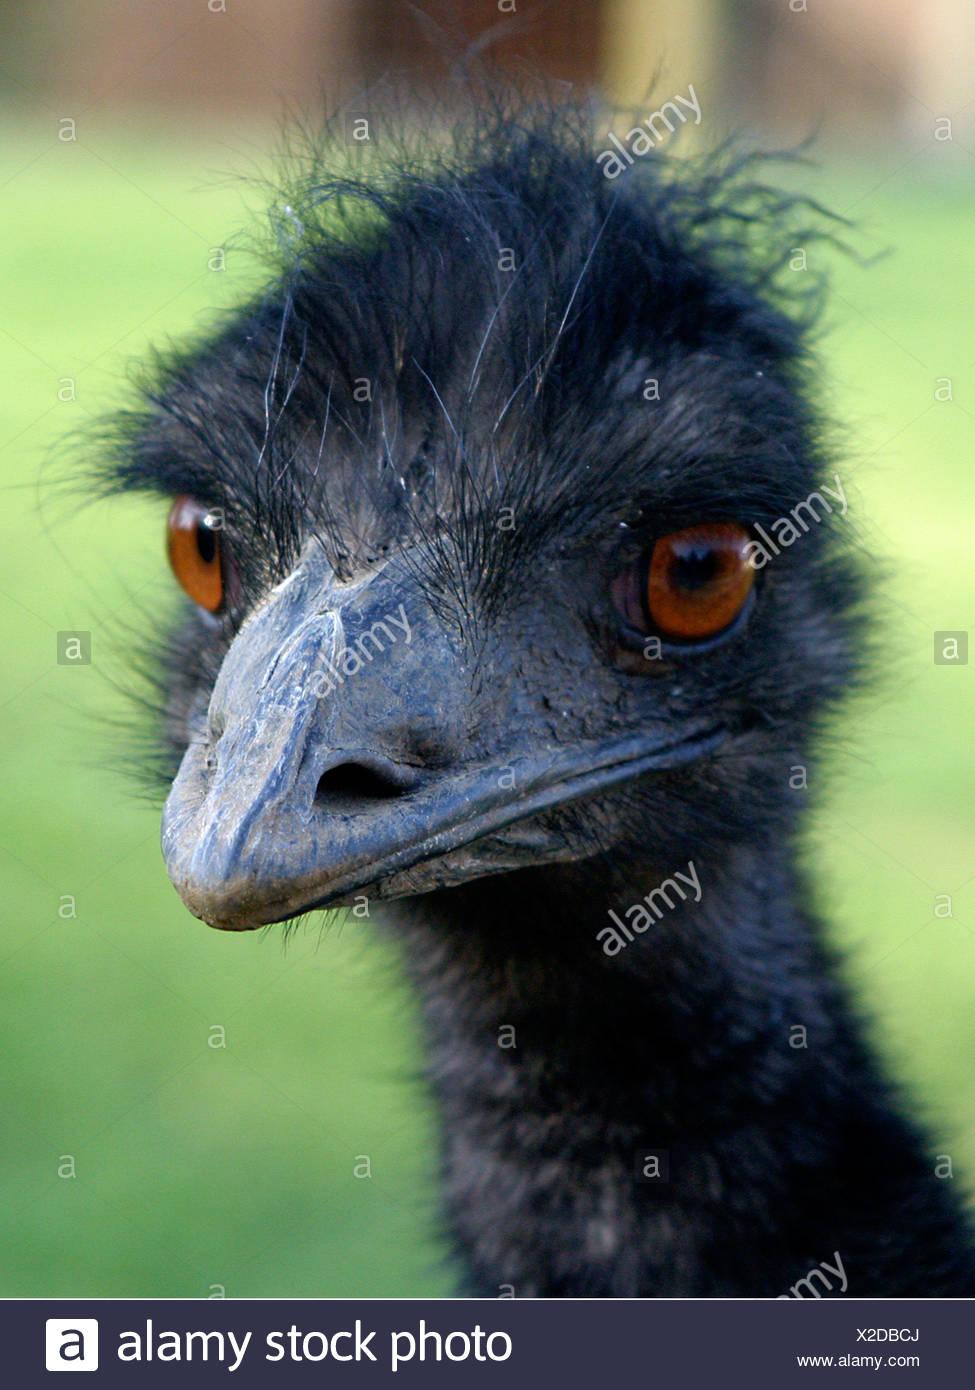 Der Leiter der emu. Stockfoto